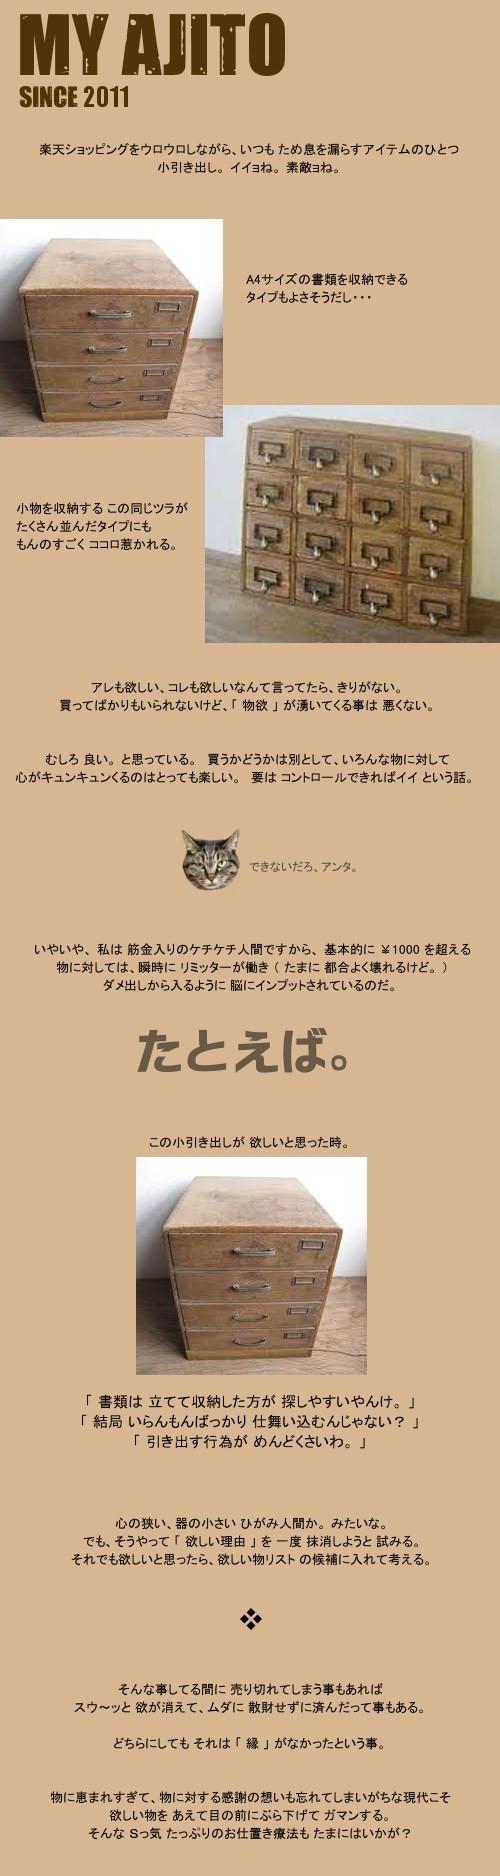 hiki_1.jpg